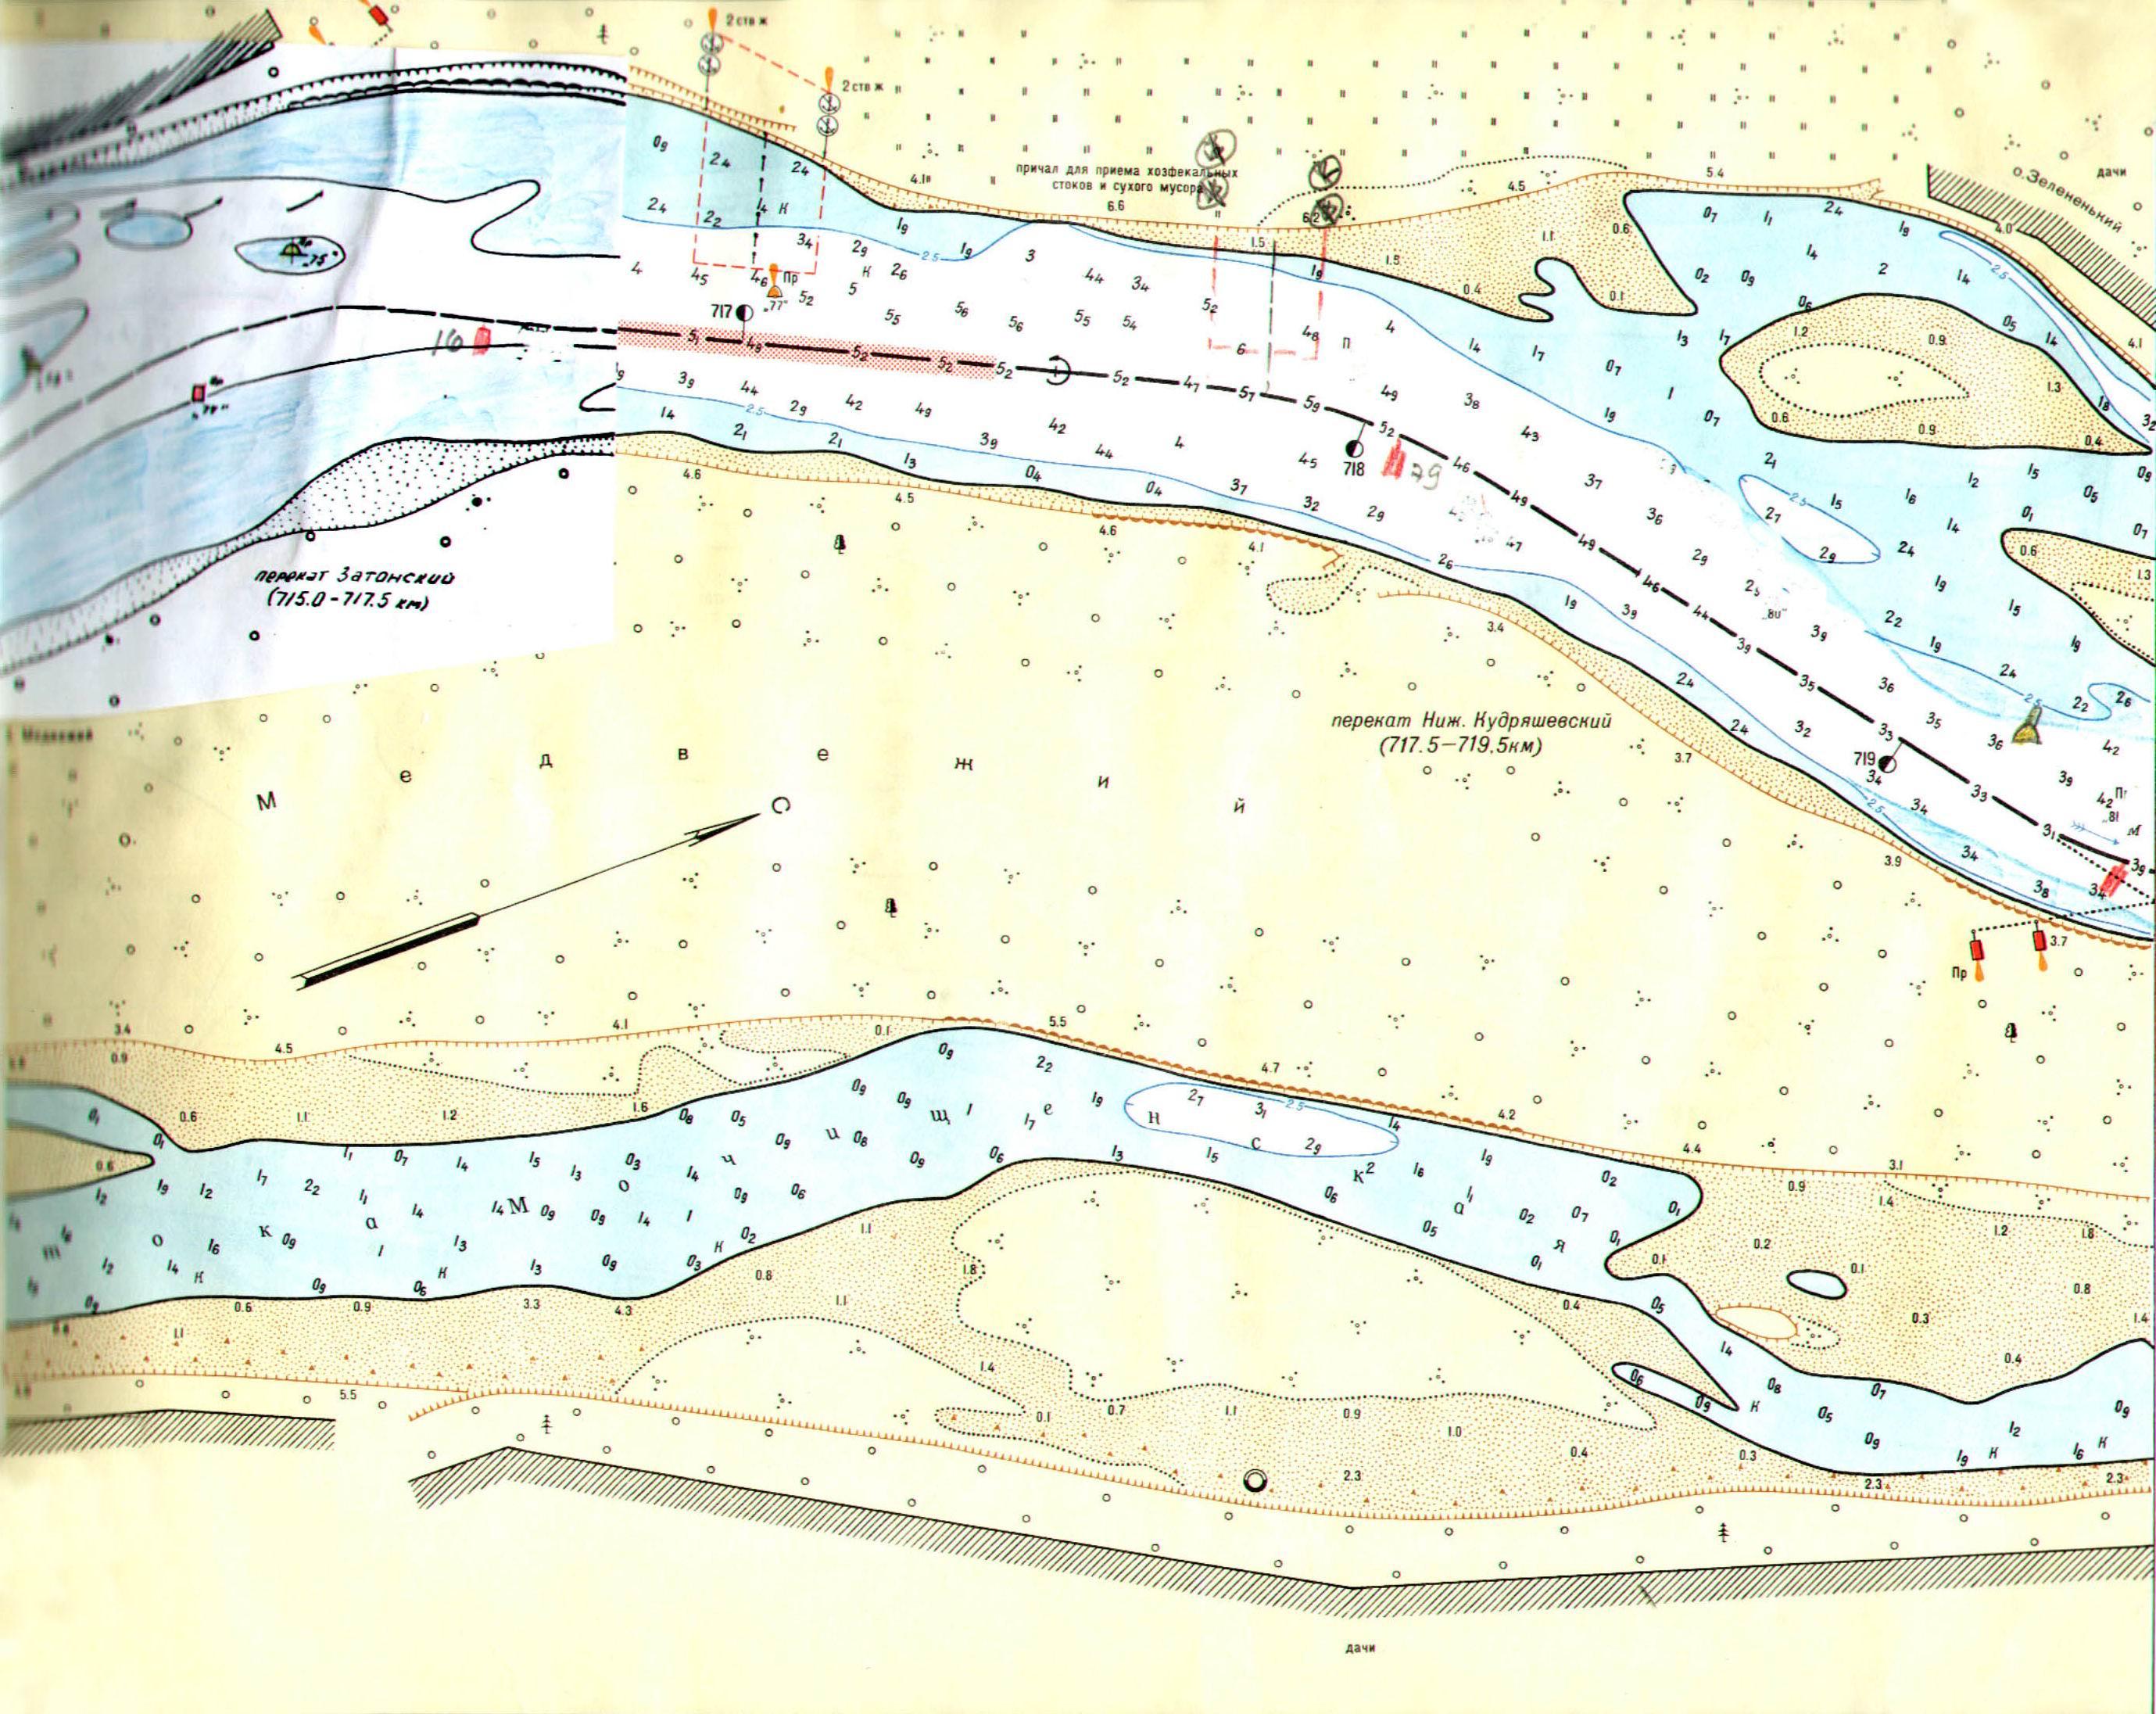 Лоция днепровского водохранилища картинки